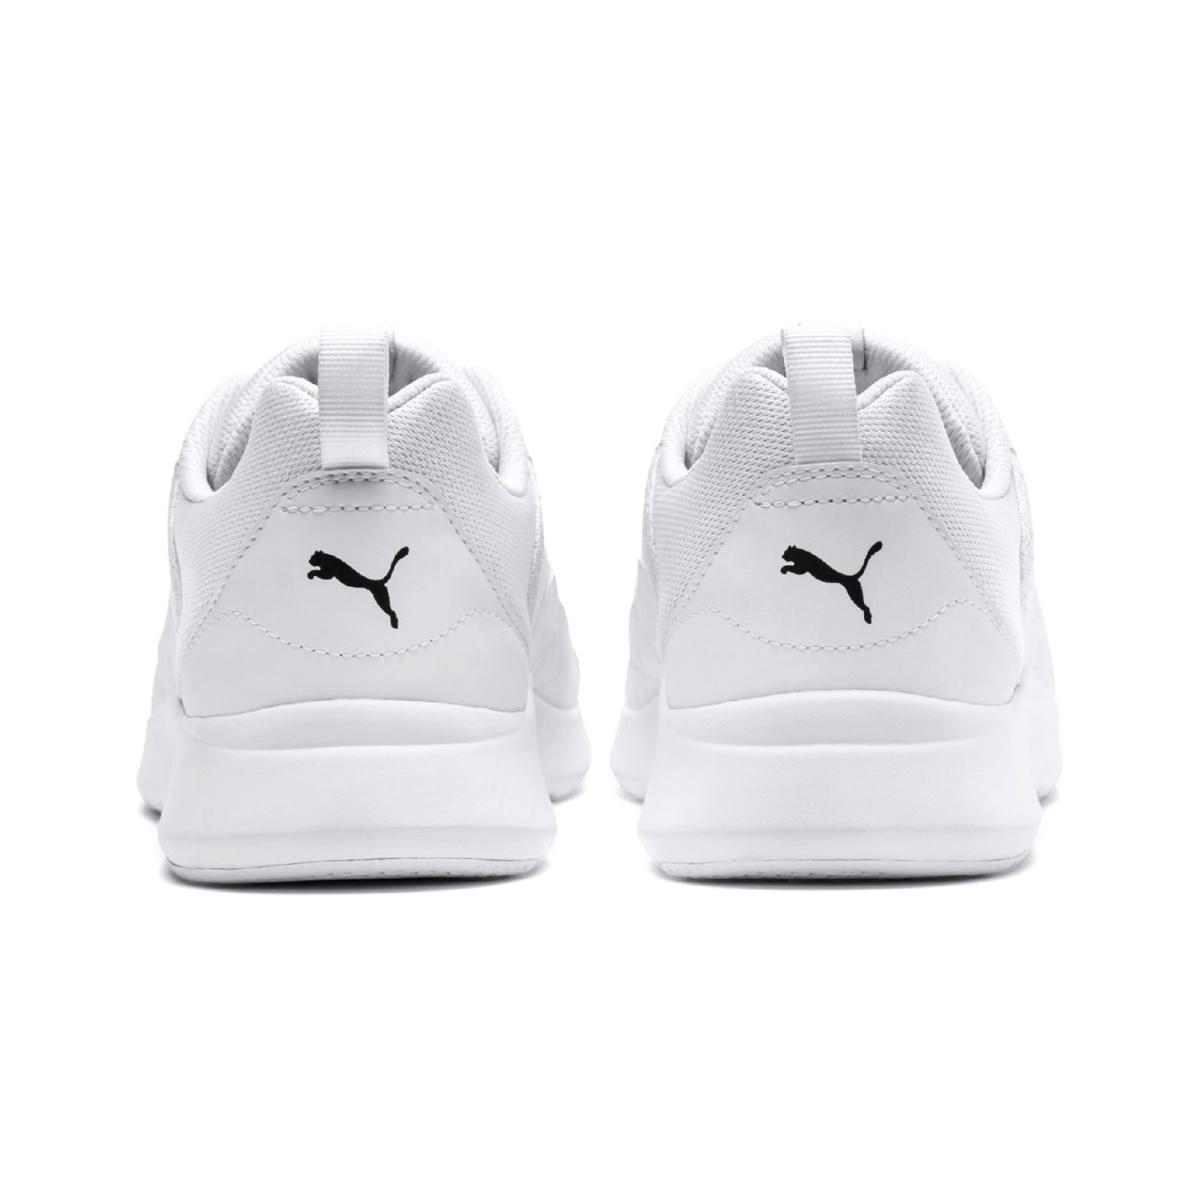 Puma-Wired-senores-zapatillas-de-deporte-zapatillas-para-correr-cortos-calzado-deportivo-fitness miniatura 25